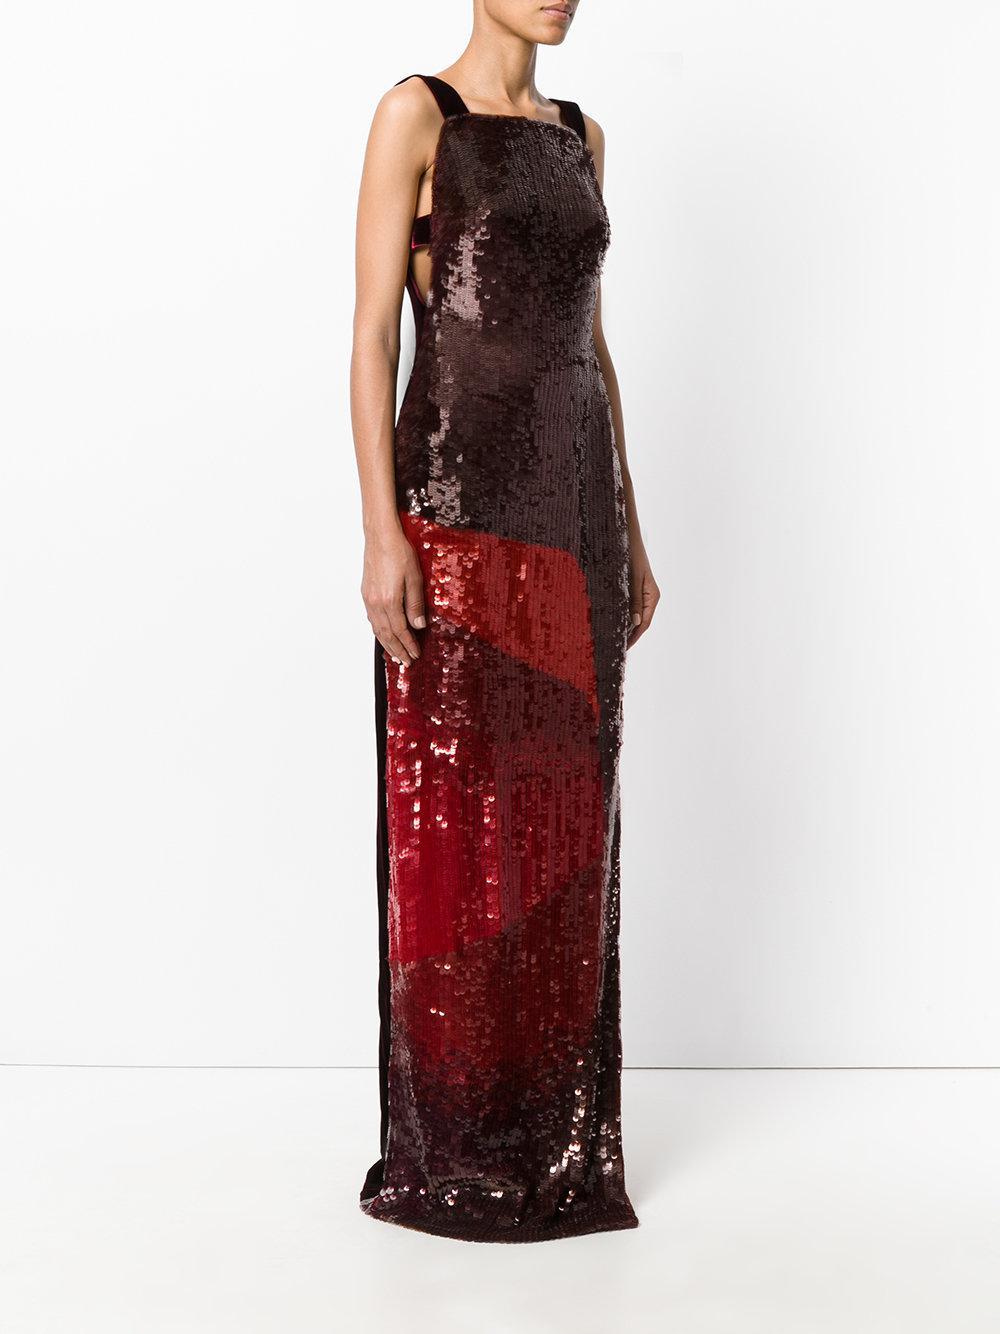 Lyst - Robe longue brodée de sequins Tom Ford en coloris Rouge 0c2479fd89a4